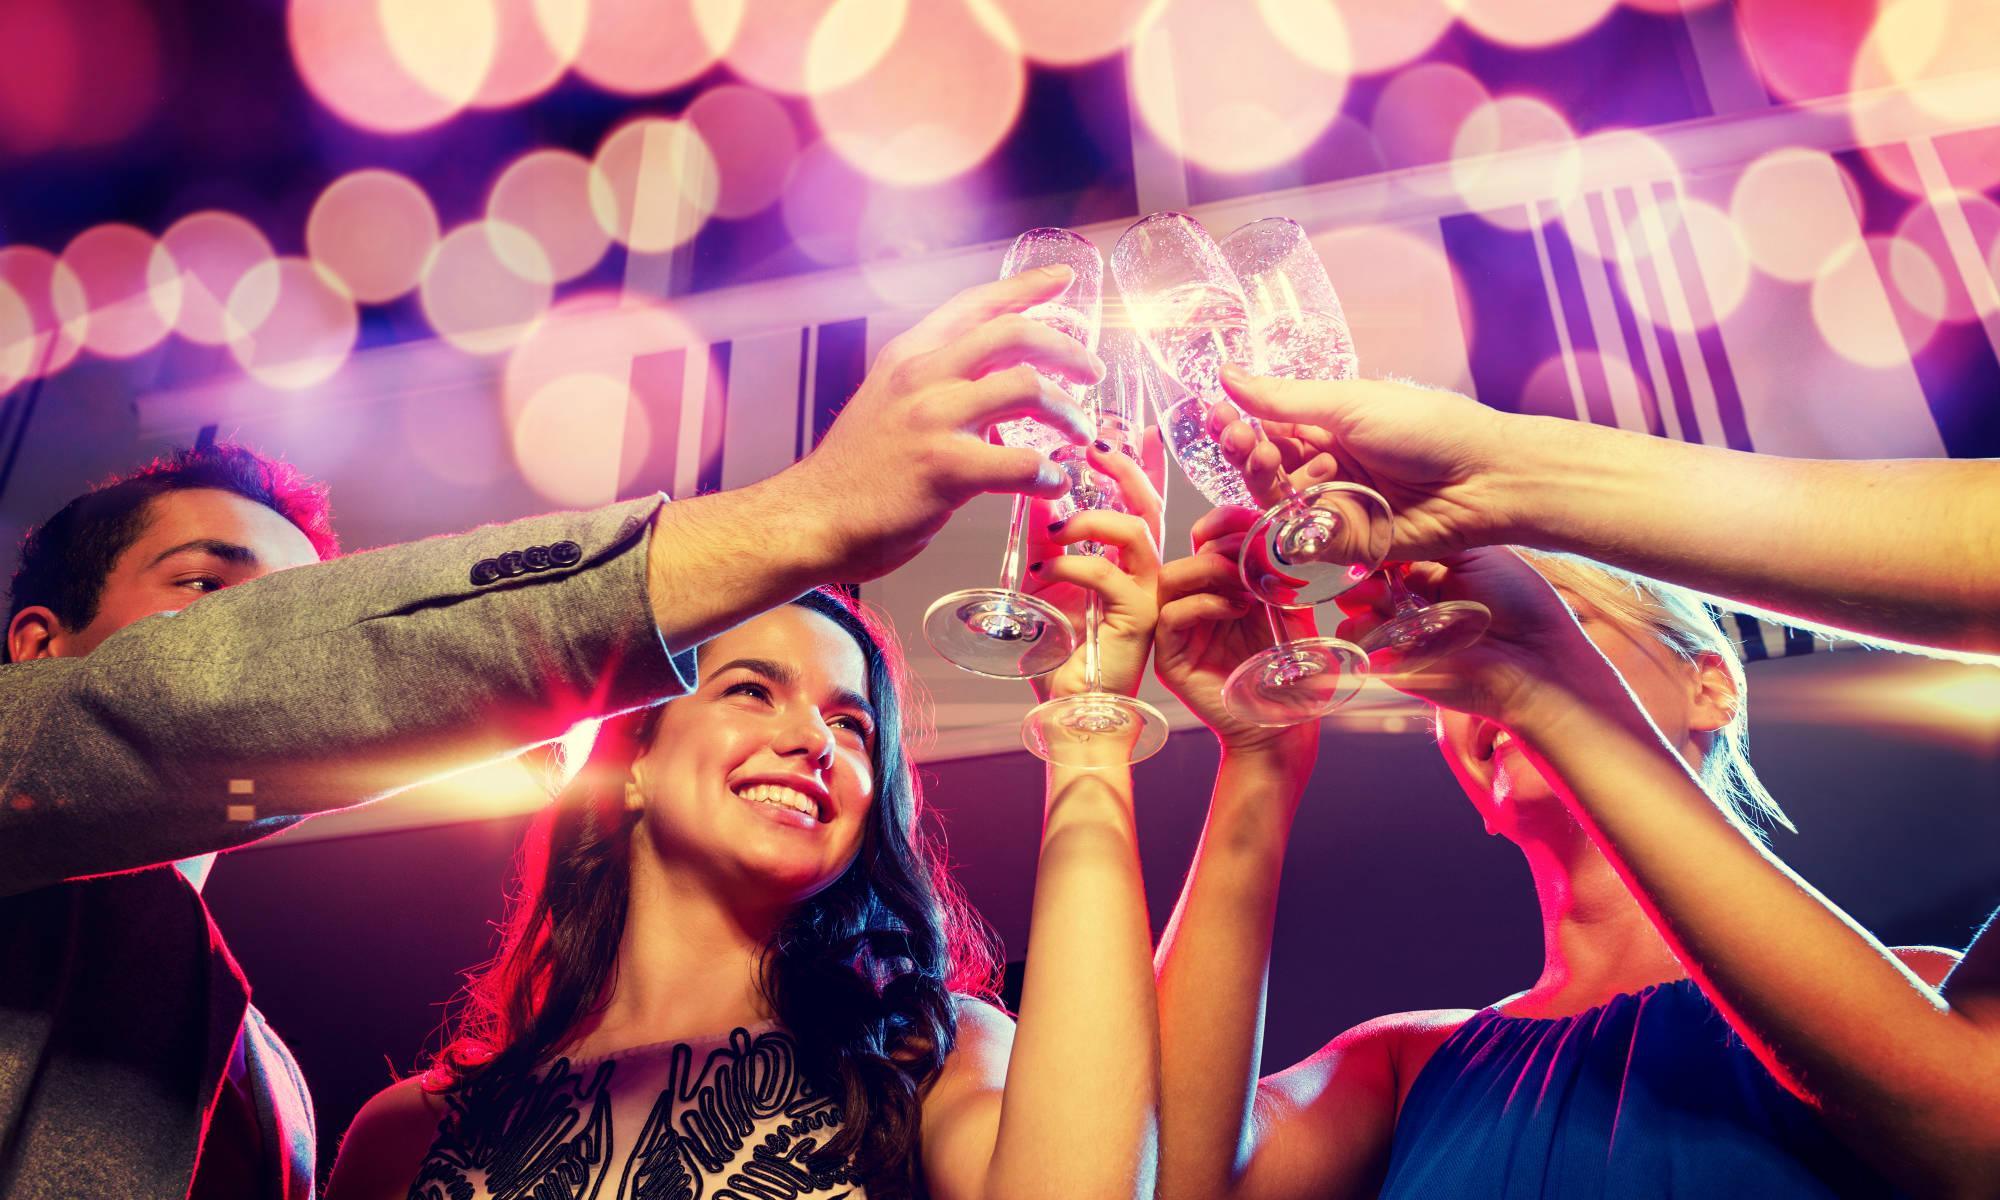 4 amici vestiti eleganti brindano con calici di champagne a Cortina D'Ampezzo.